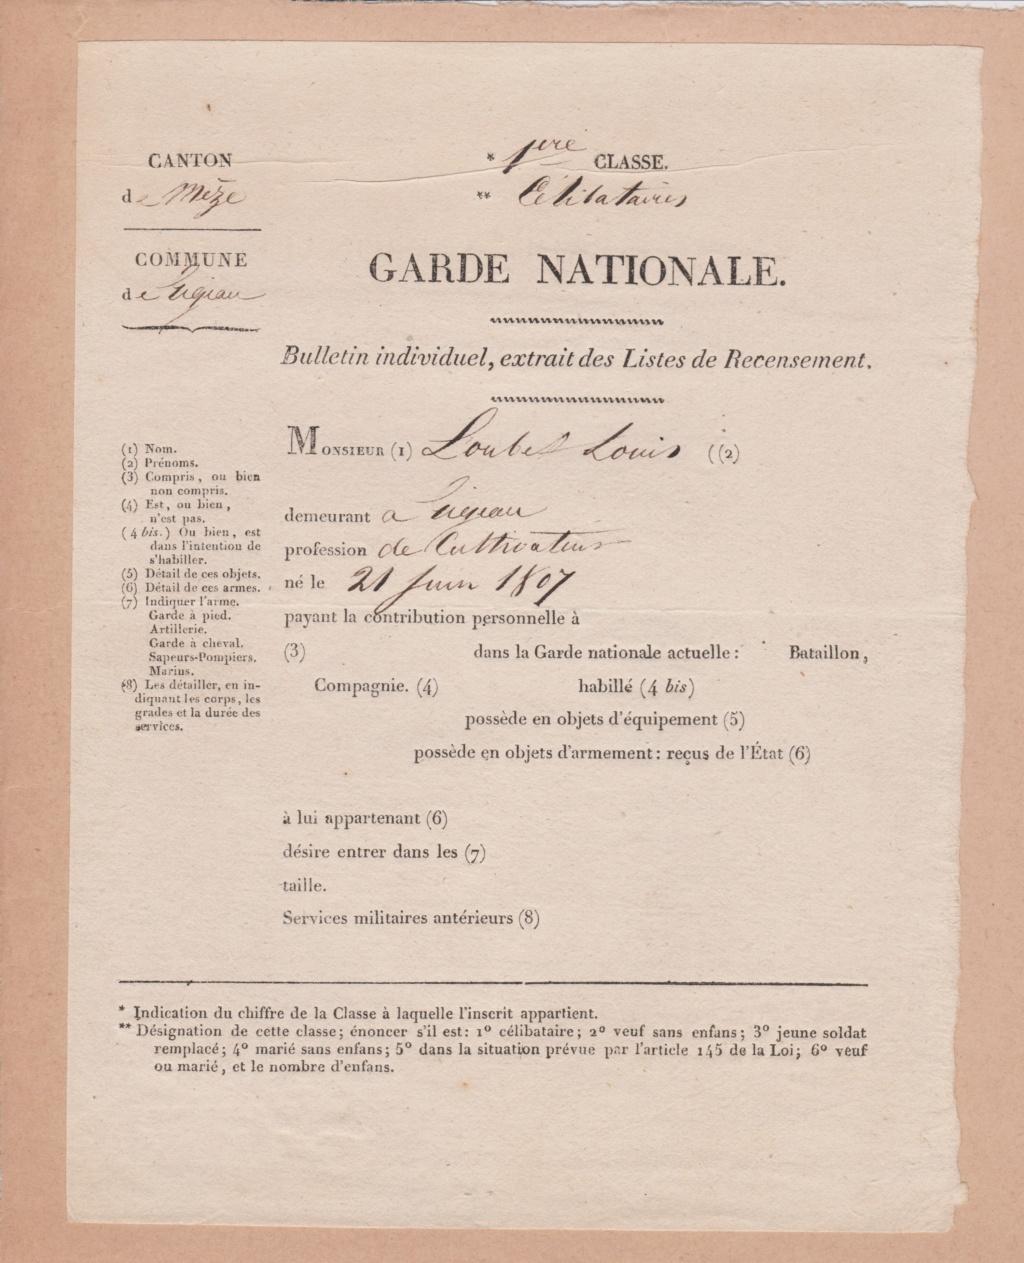 Estimation Documents de la garde Nationale vers 1830 dans l'Hérault 1830_g13